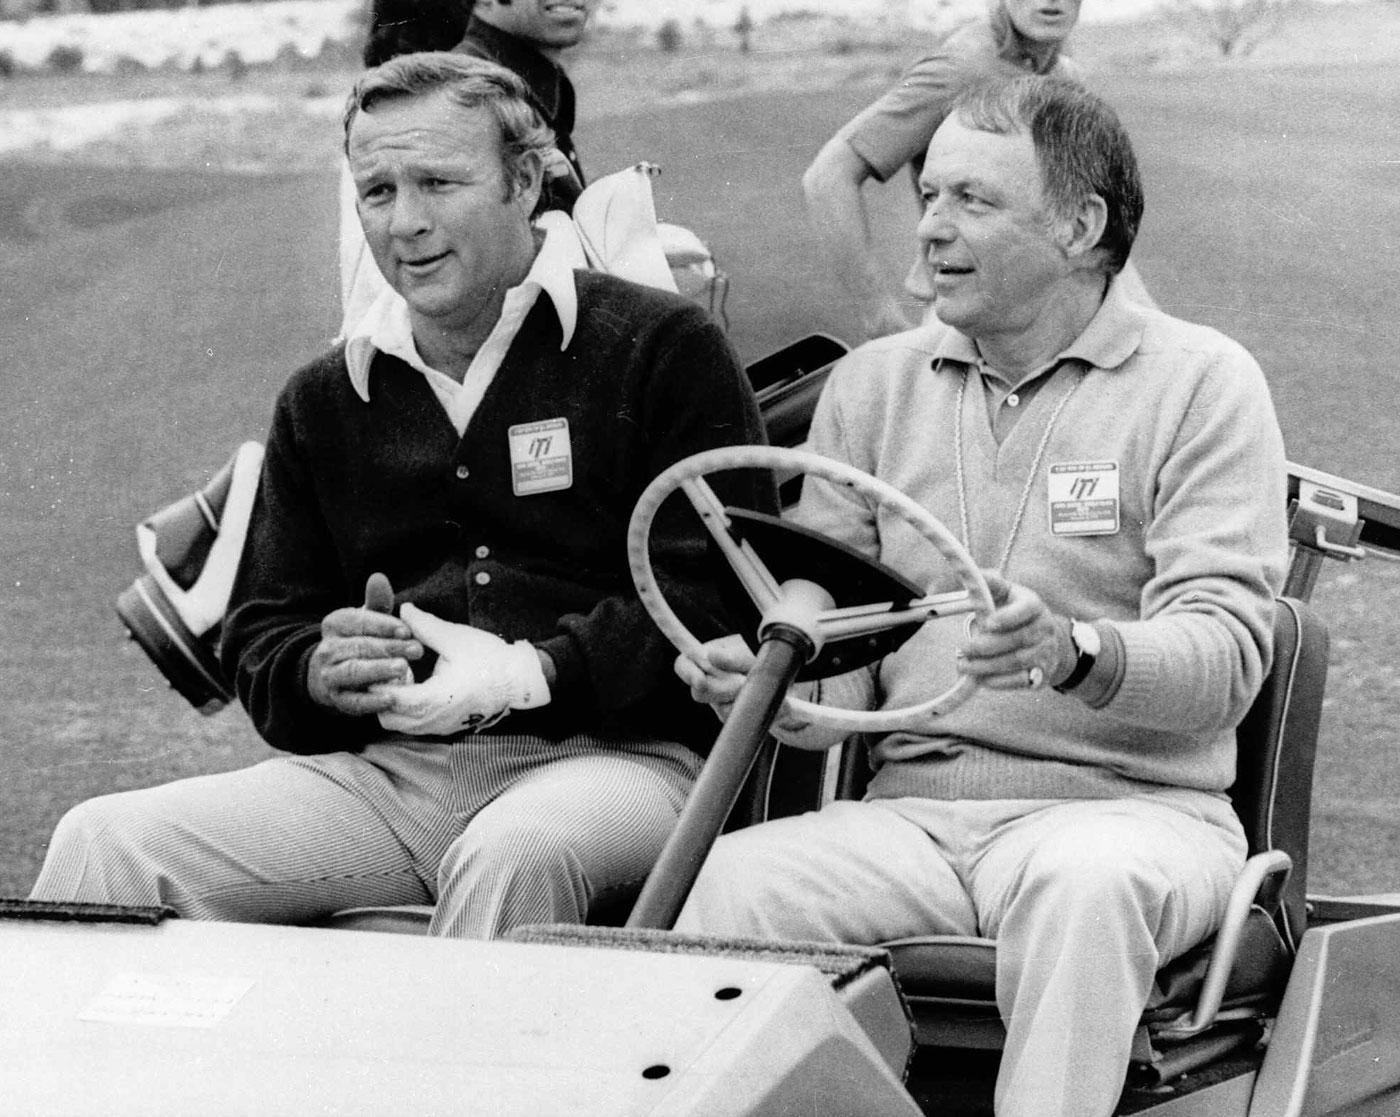 بالصور| انباء الرياضة الجولف سنة 70 أفضل من الوقت الحالي